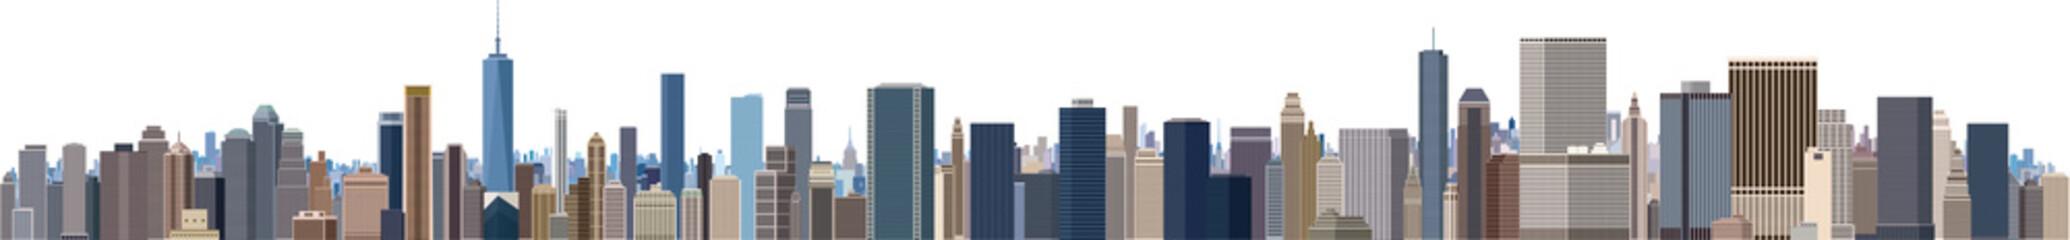 摩天楼 大都会のビル群 パノラマ